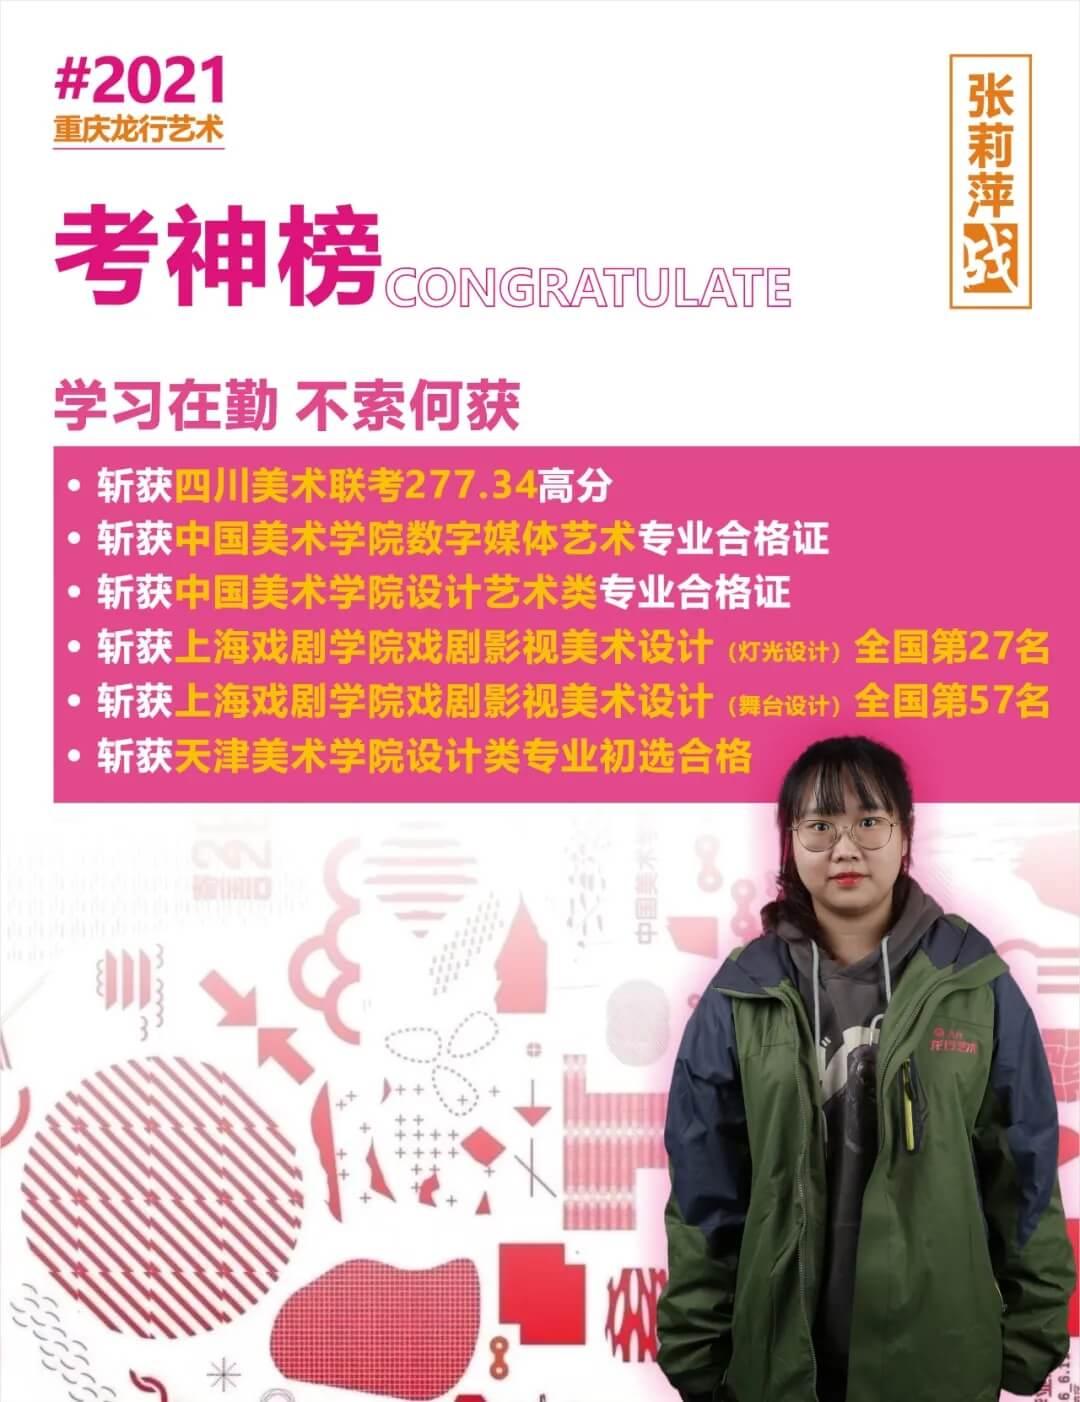 重庆龙行艺术考神榜||张莉萍 · 所有的一鸣惊人 不过是厚积薄发